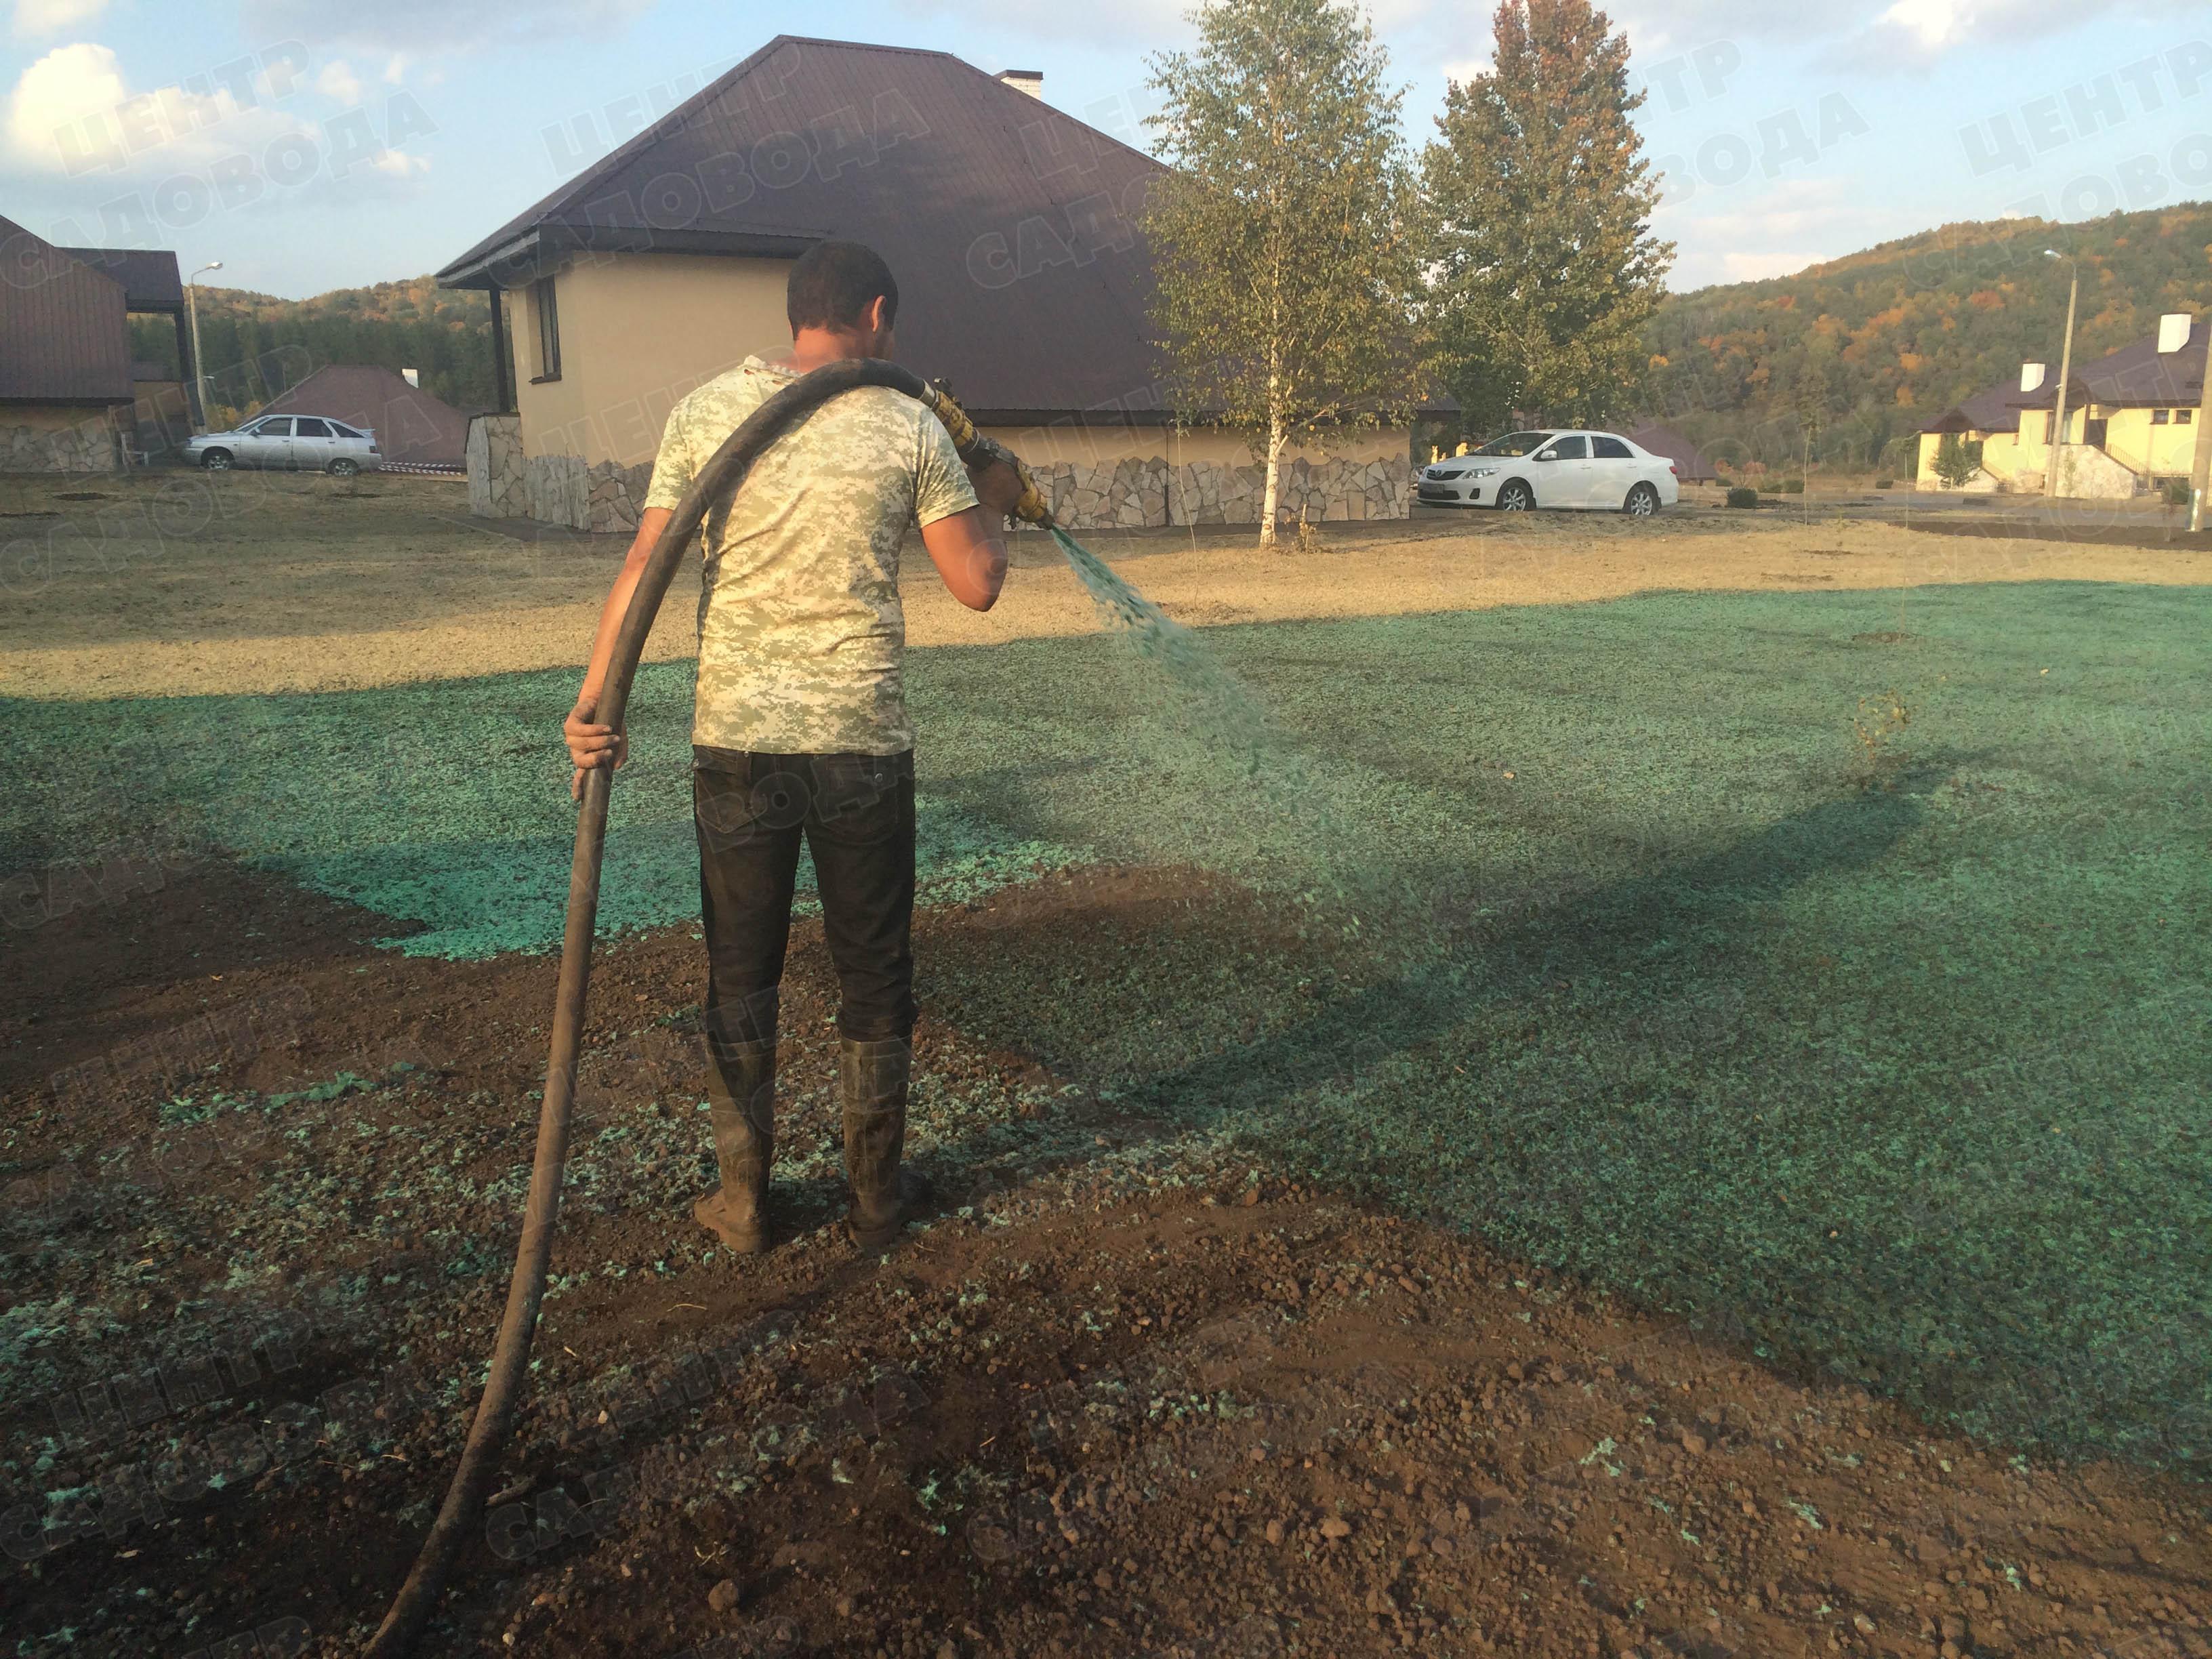 Жидкий газон (64 фото): что такое гидропосев газонной травы своими руками, состав наливного газона, как им пользоваться, пошаговая инструкция, отзывы